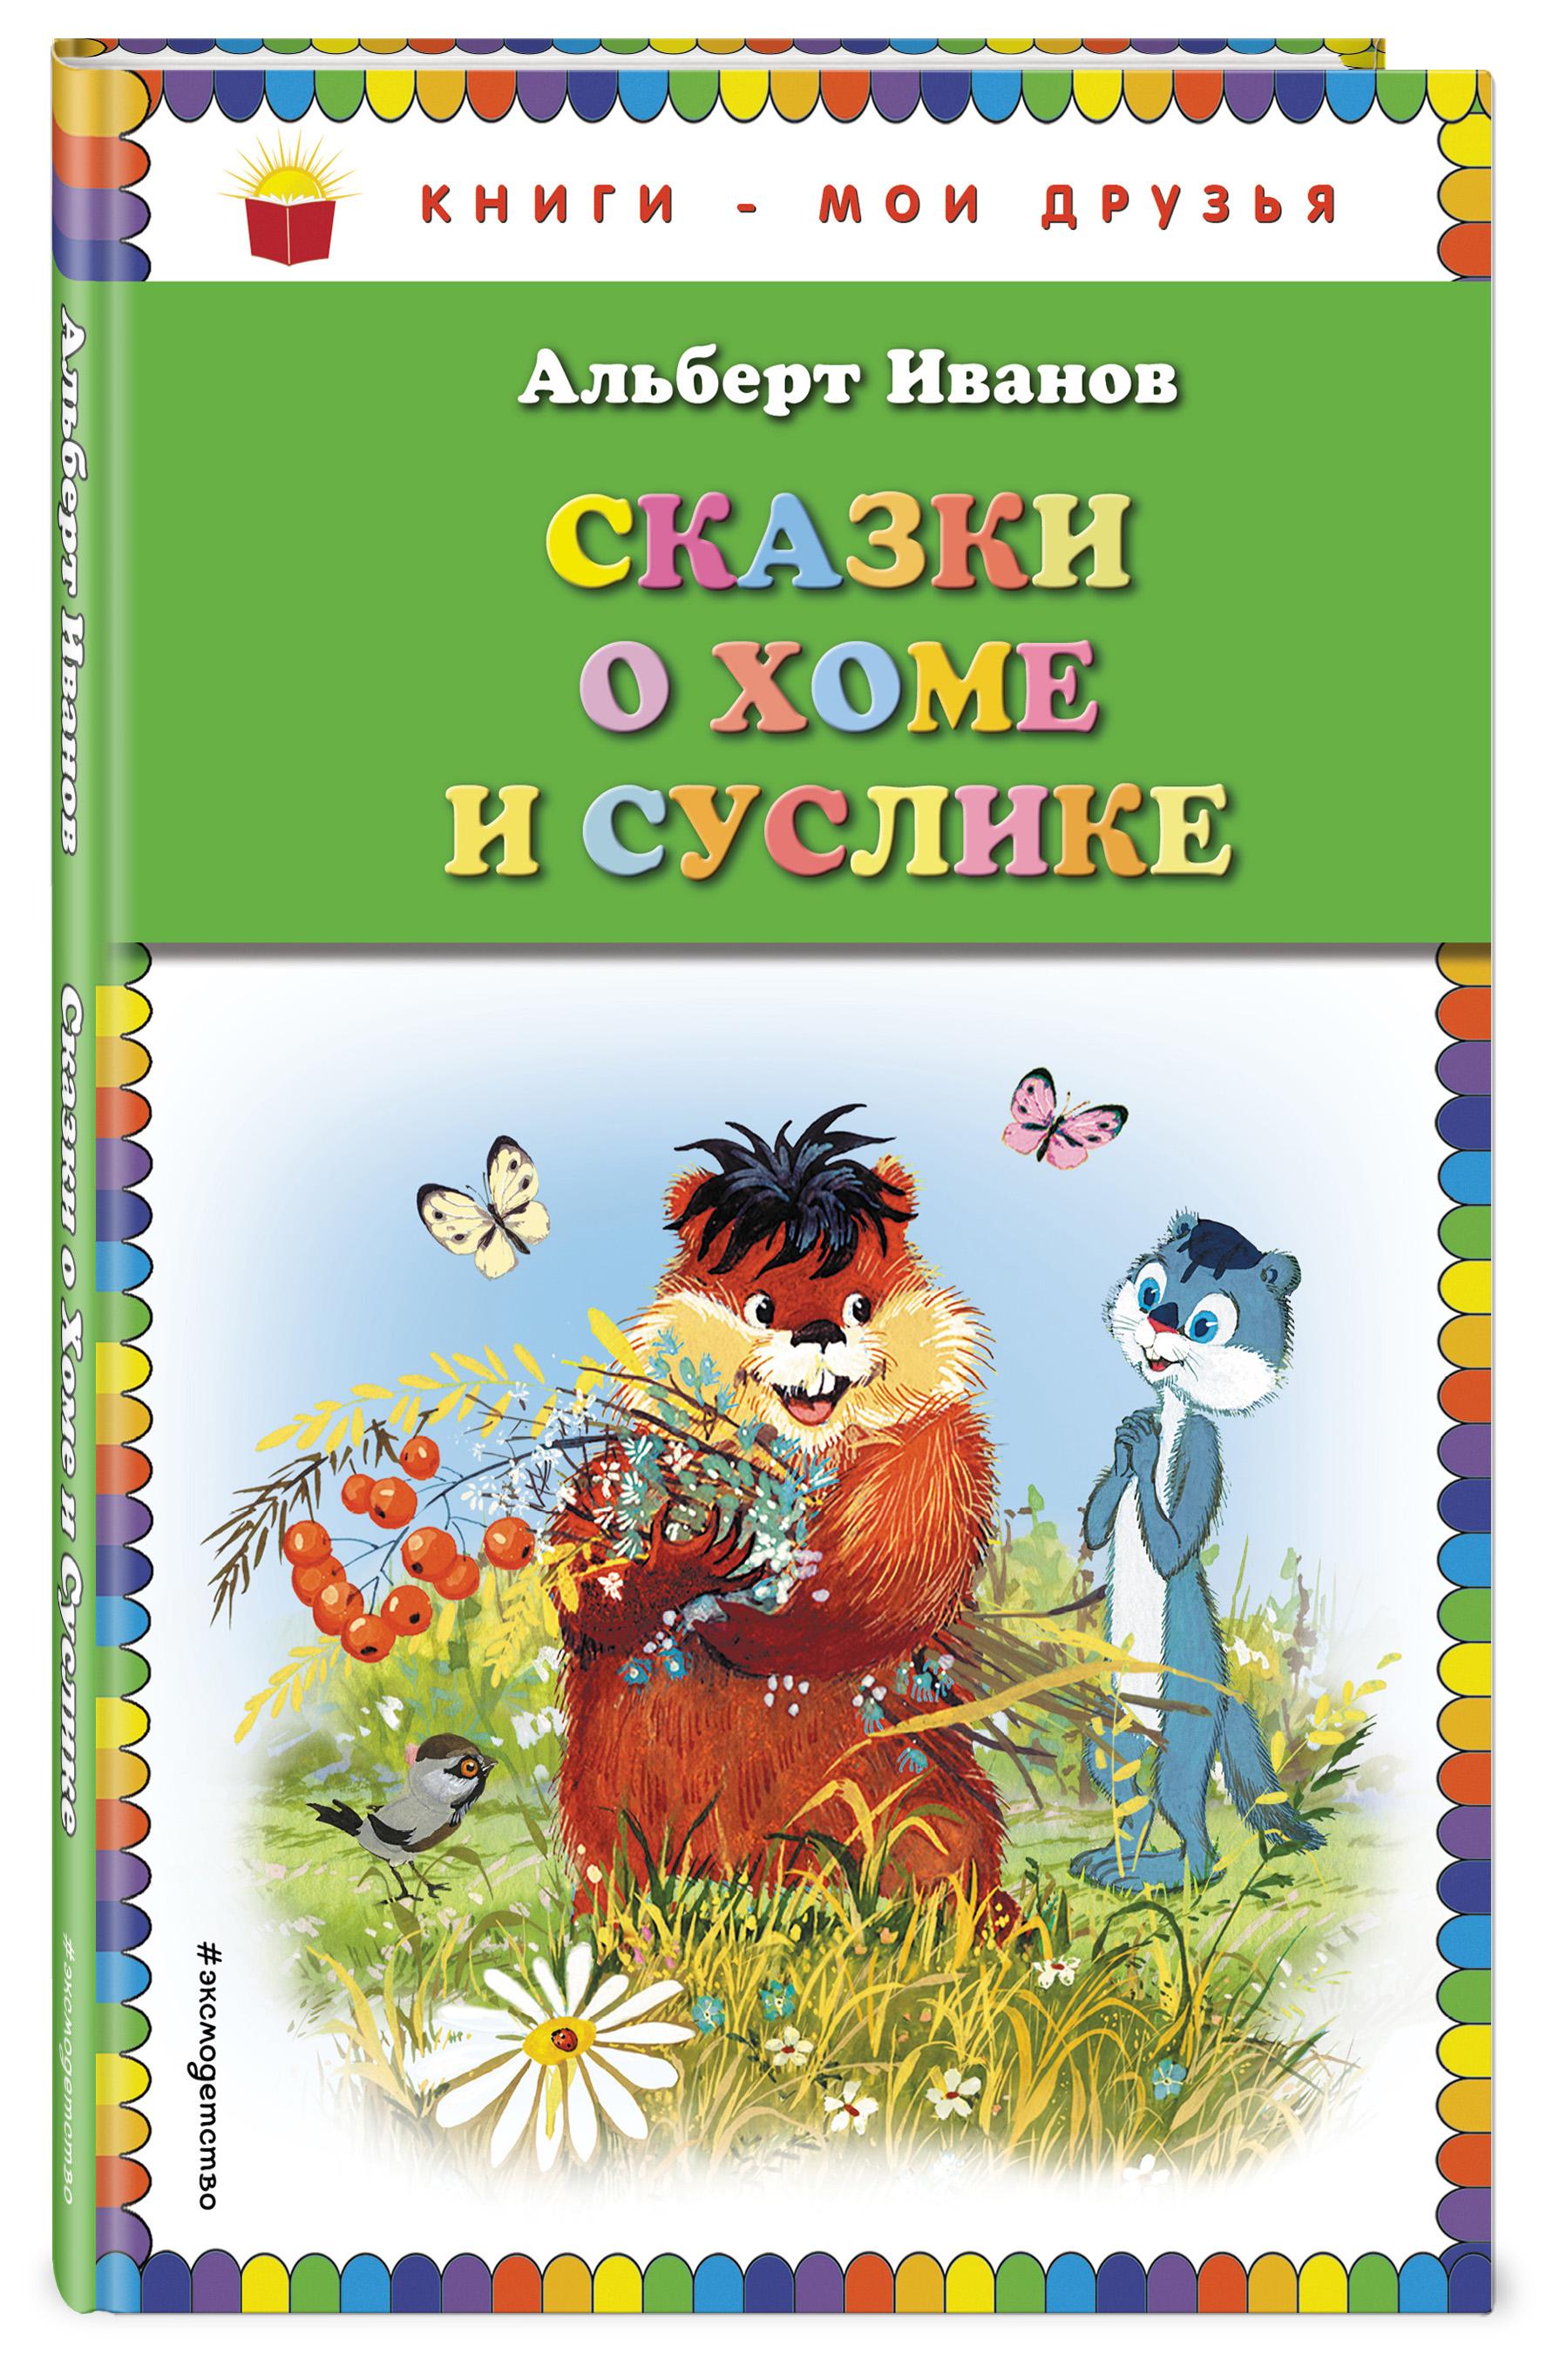 Сказки о Хоме и Суслике (ил. Г. Золотовской)